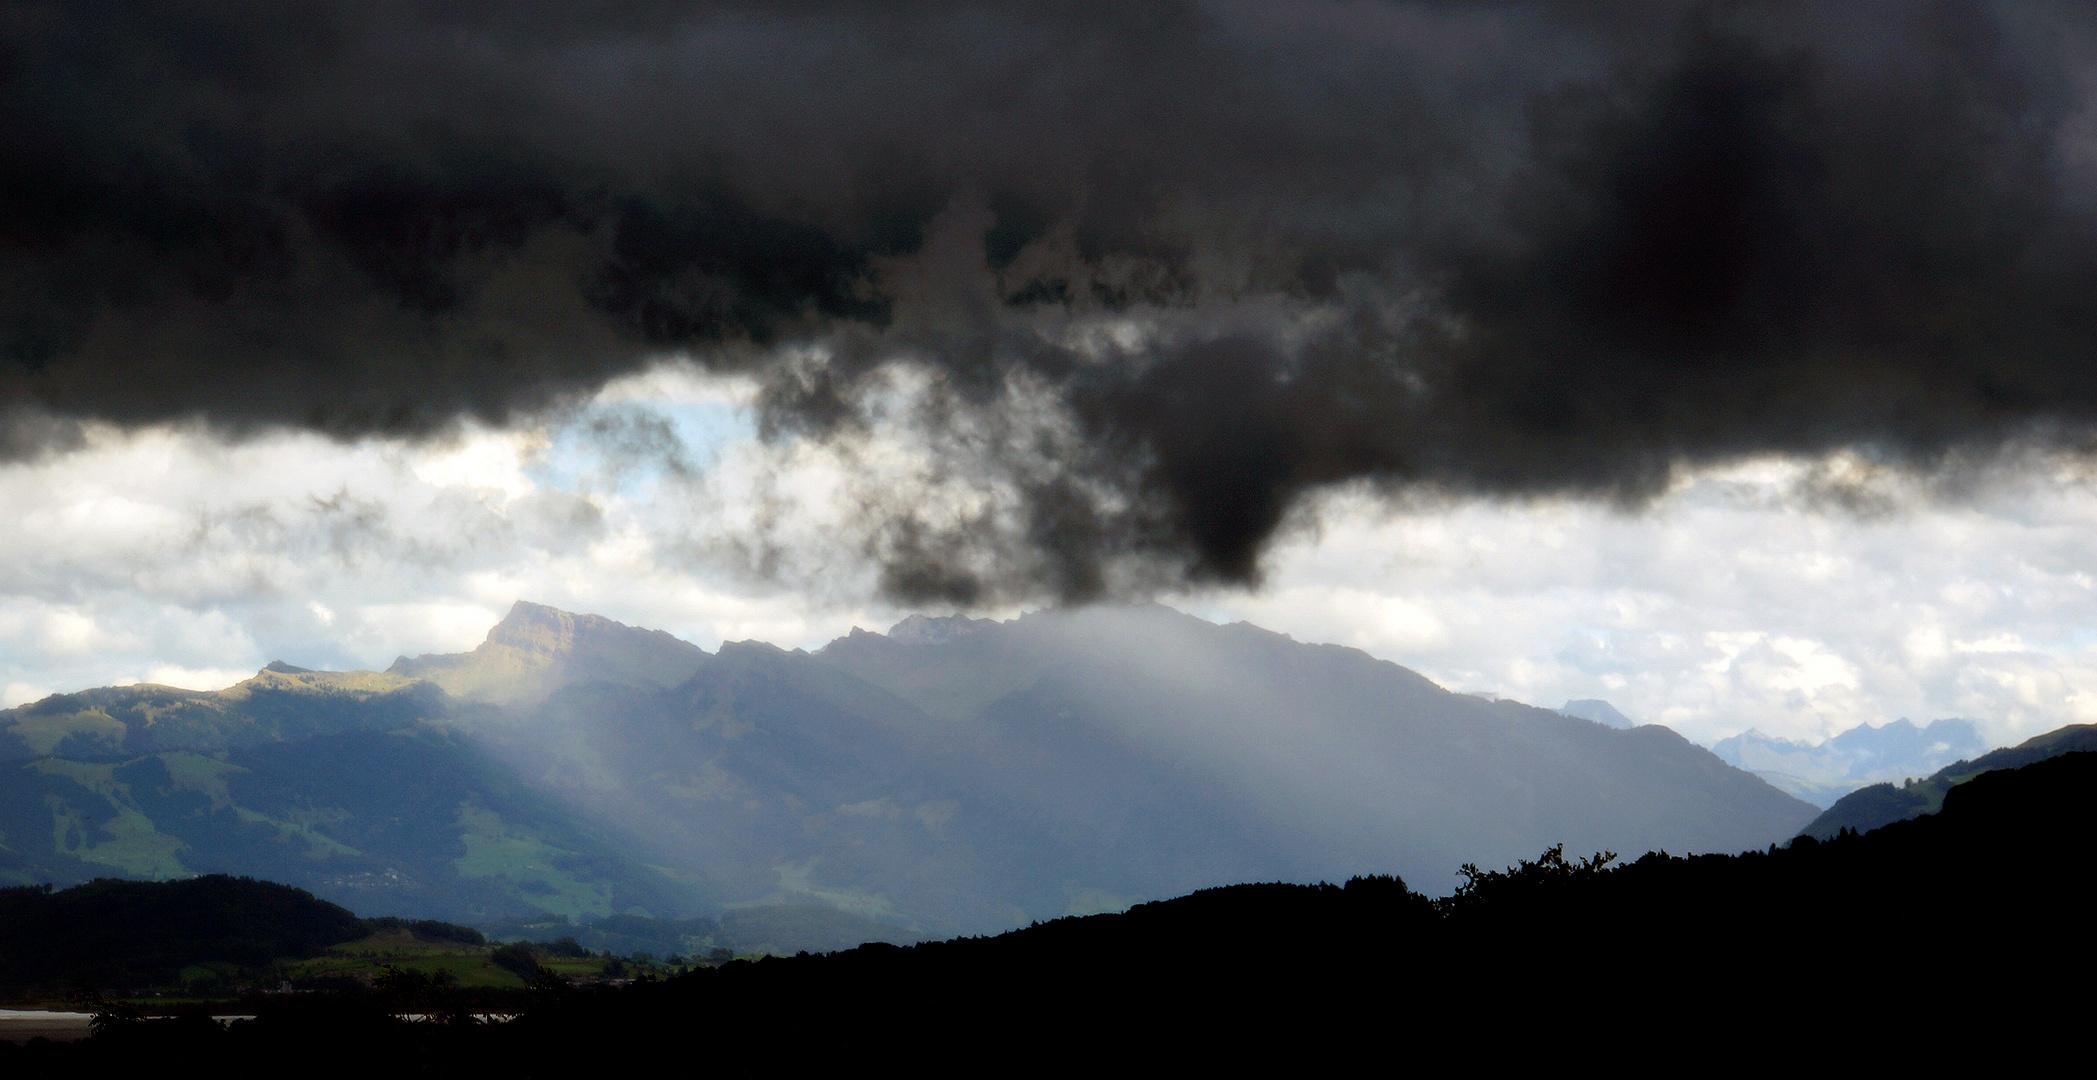 Als am Sonntag des 21. September 2014 die Gewitterwolken aufzogen